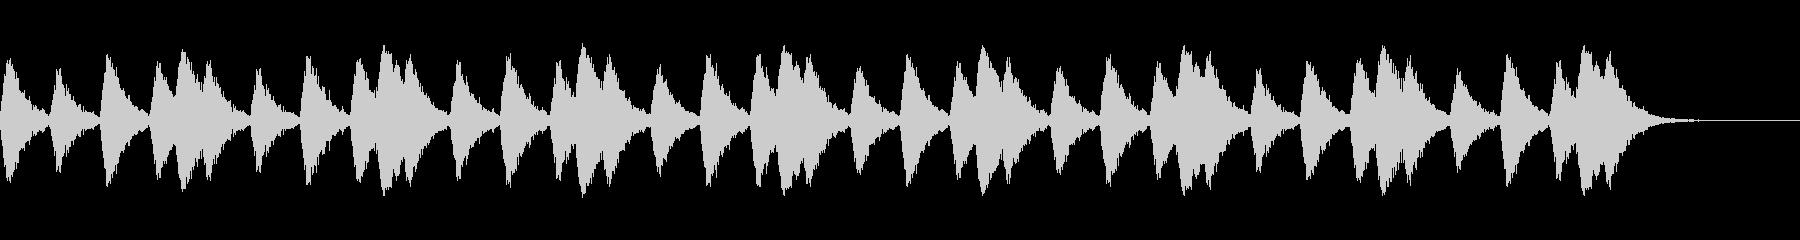 行進をイメージしたスネアドラムの音の未再生の波形